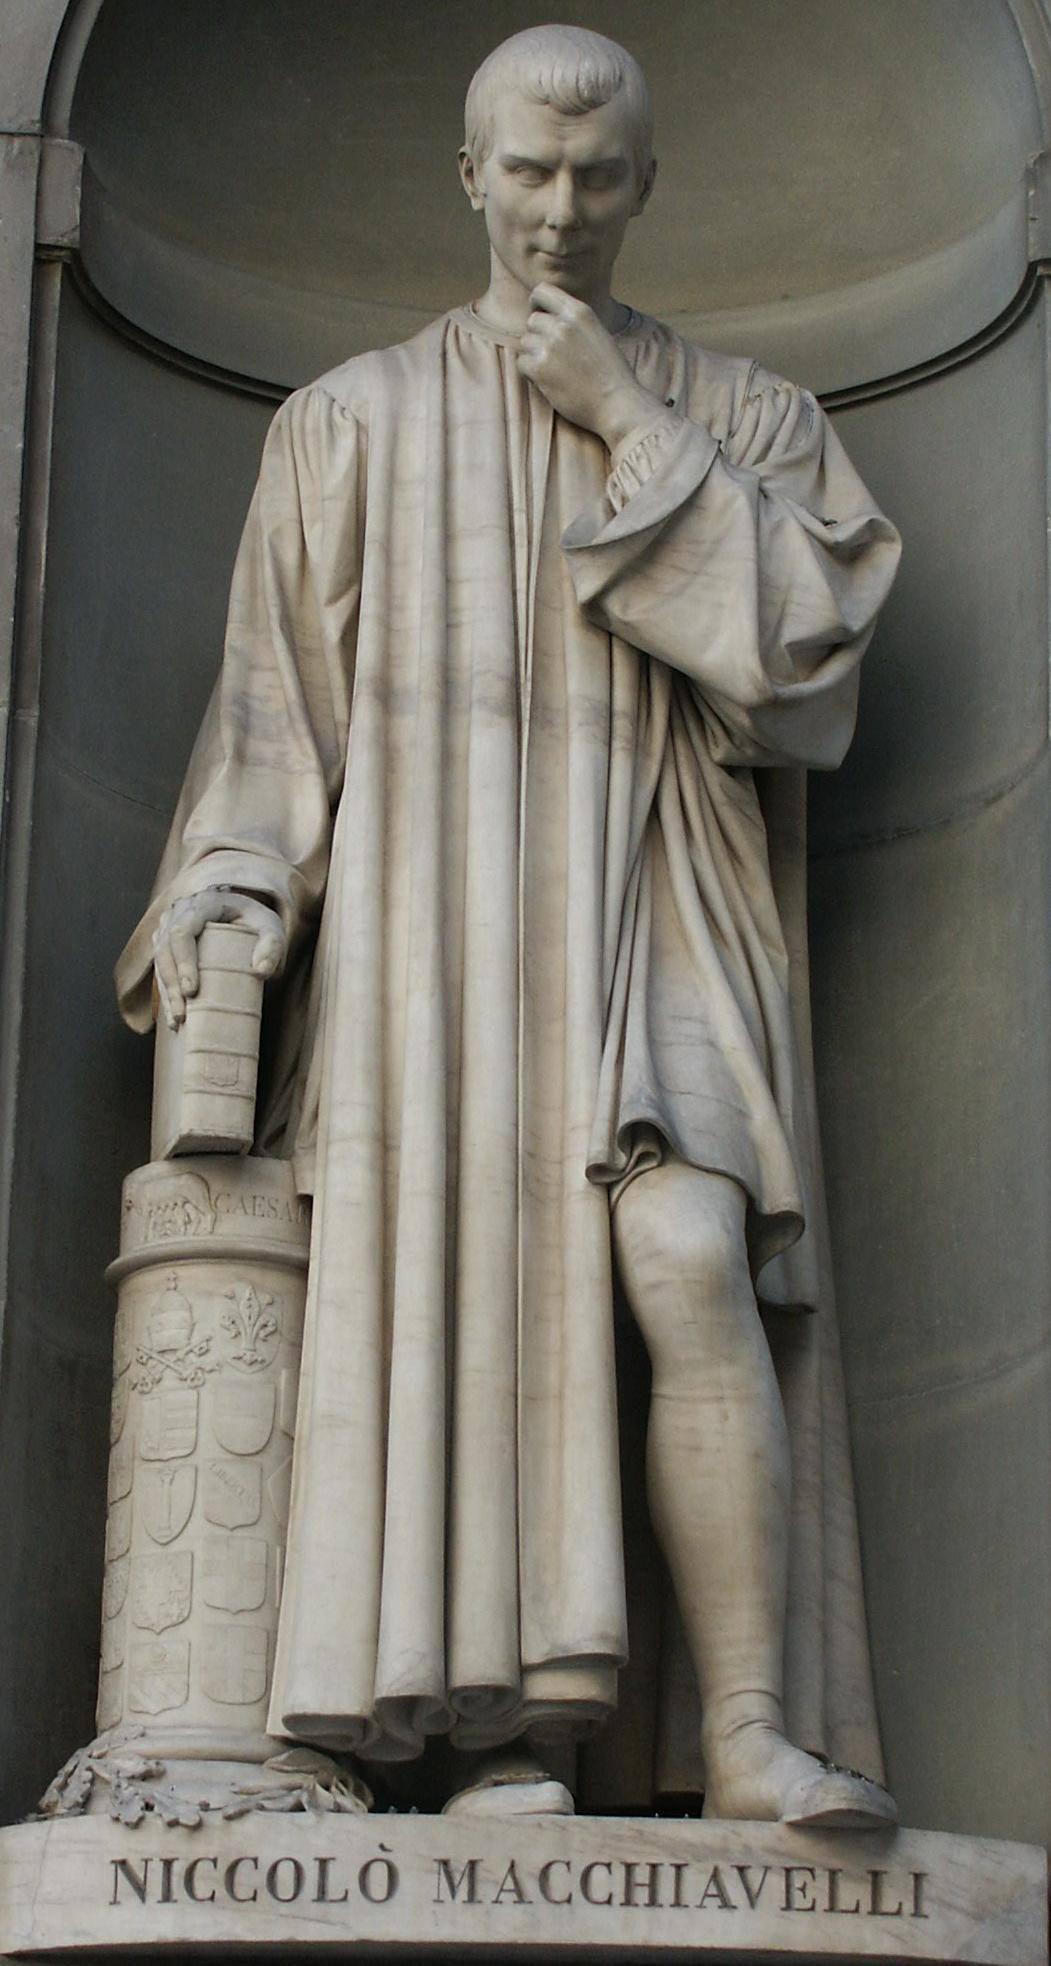 Статуя Нікколо Макіавеллі (із серії «Великі флорентійці») Лоренцо Бартоліні, галерея Уффіці, Флоренція, Італія